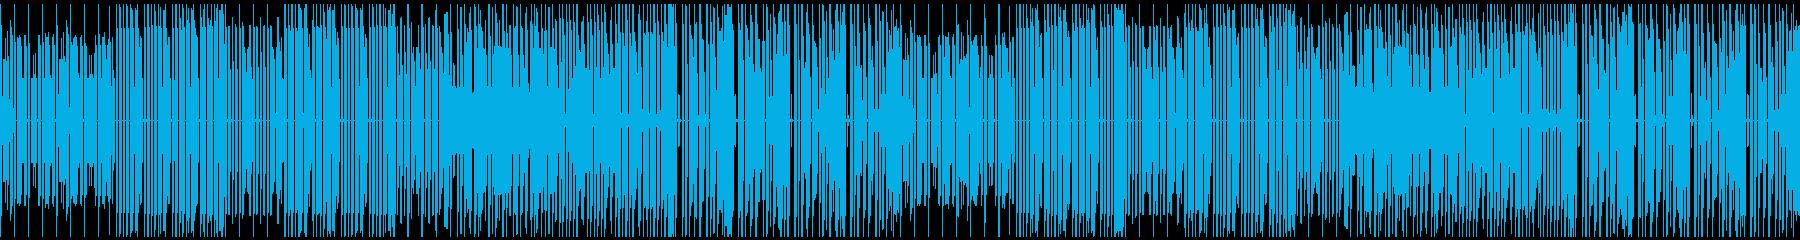 FC風ループ ウォータースライダーの再生済みの波形